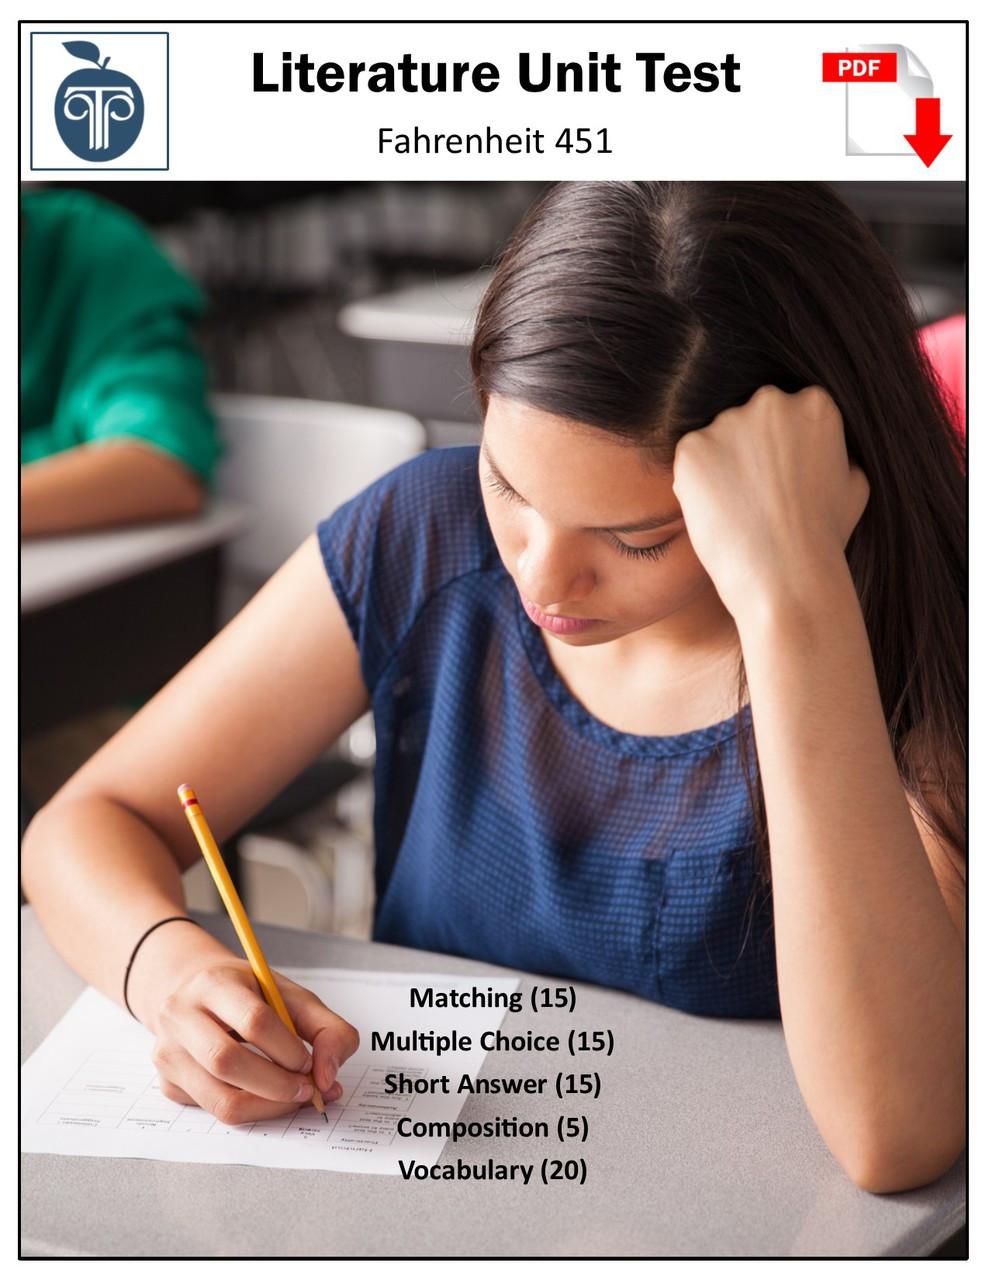 fahrenheit 451 homework